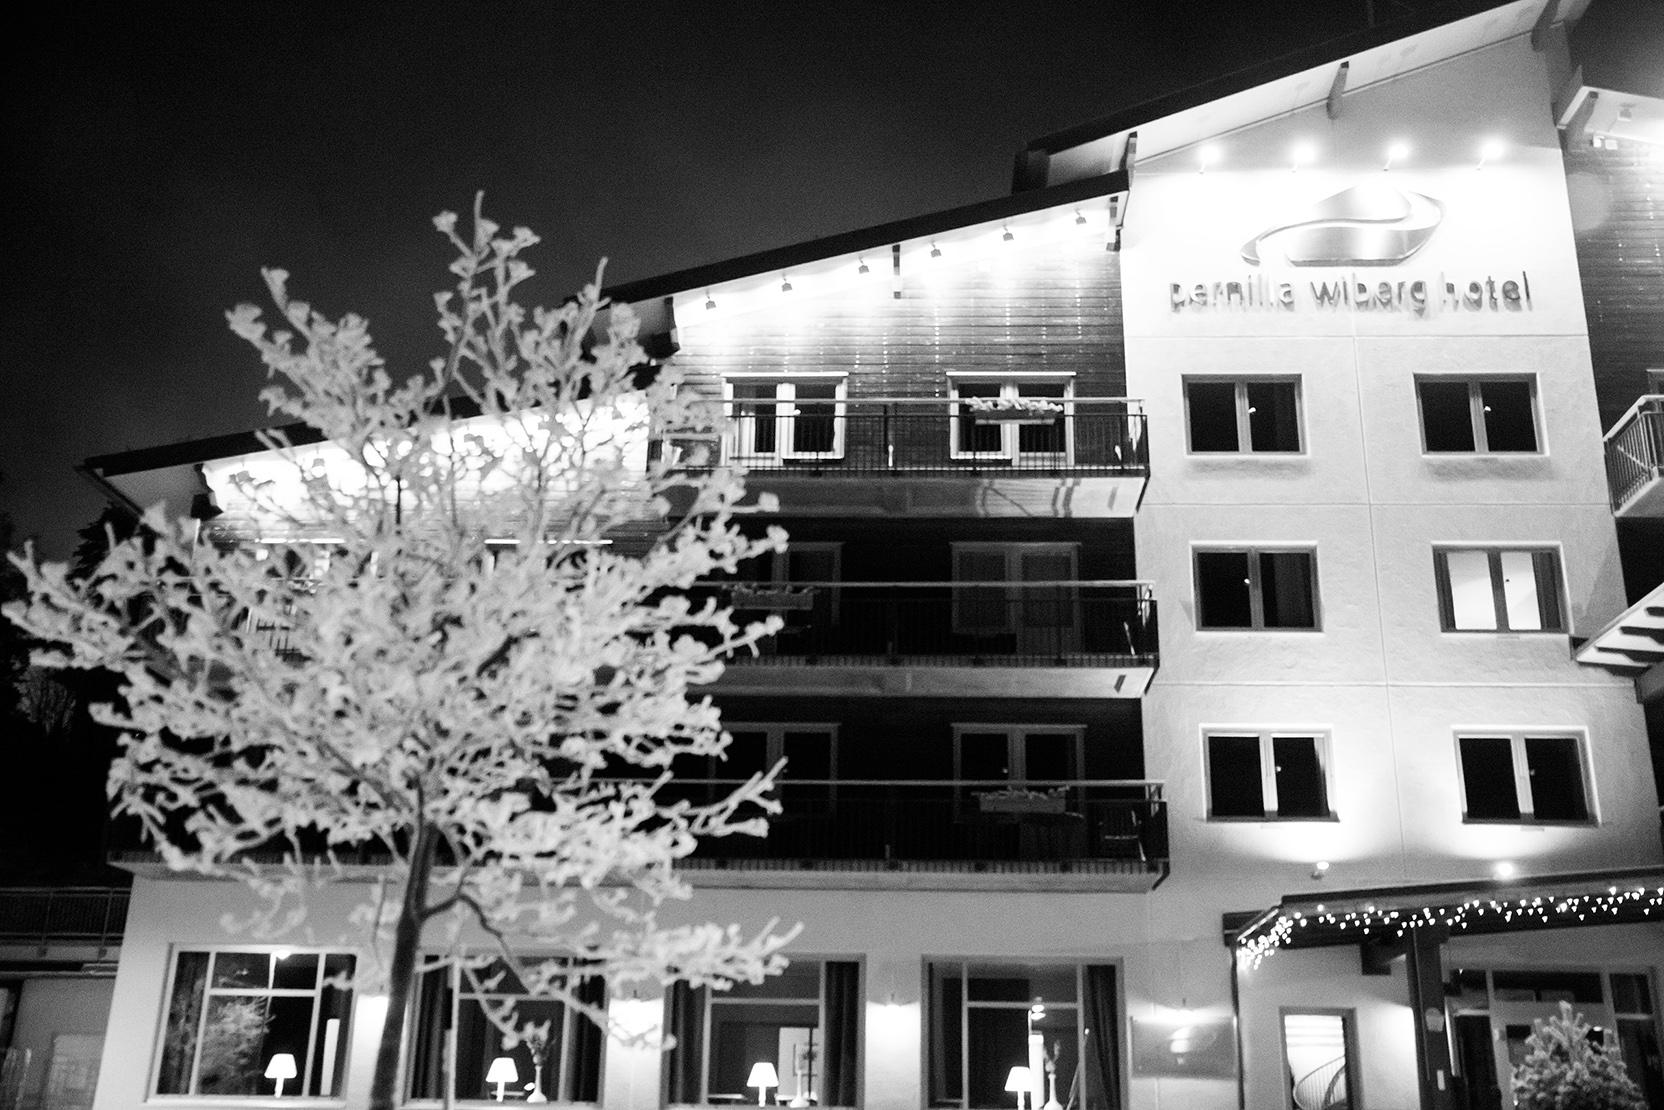 Pernilla-Wiberg-Hotel_Idre-fjäll